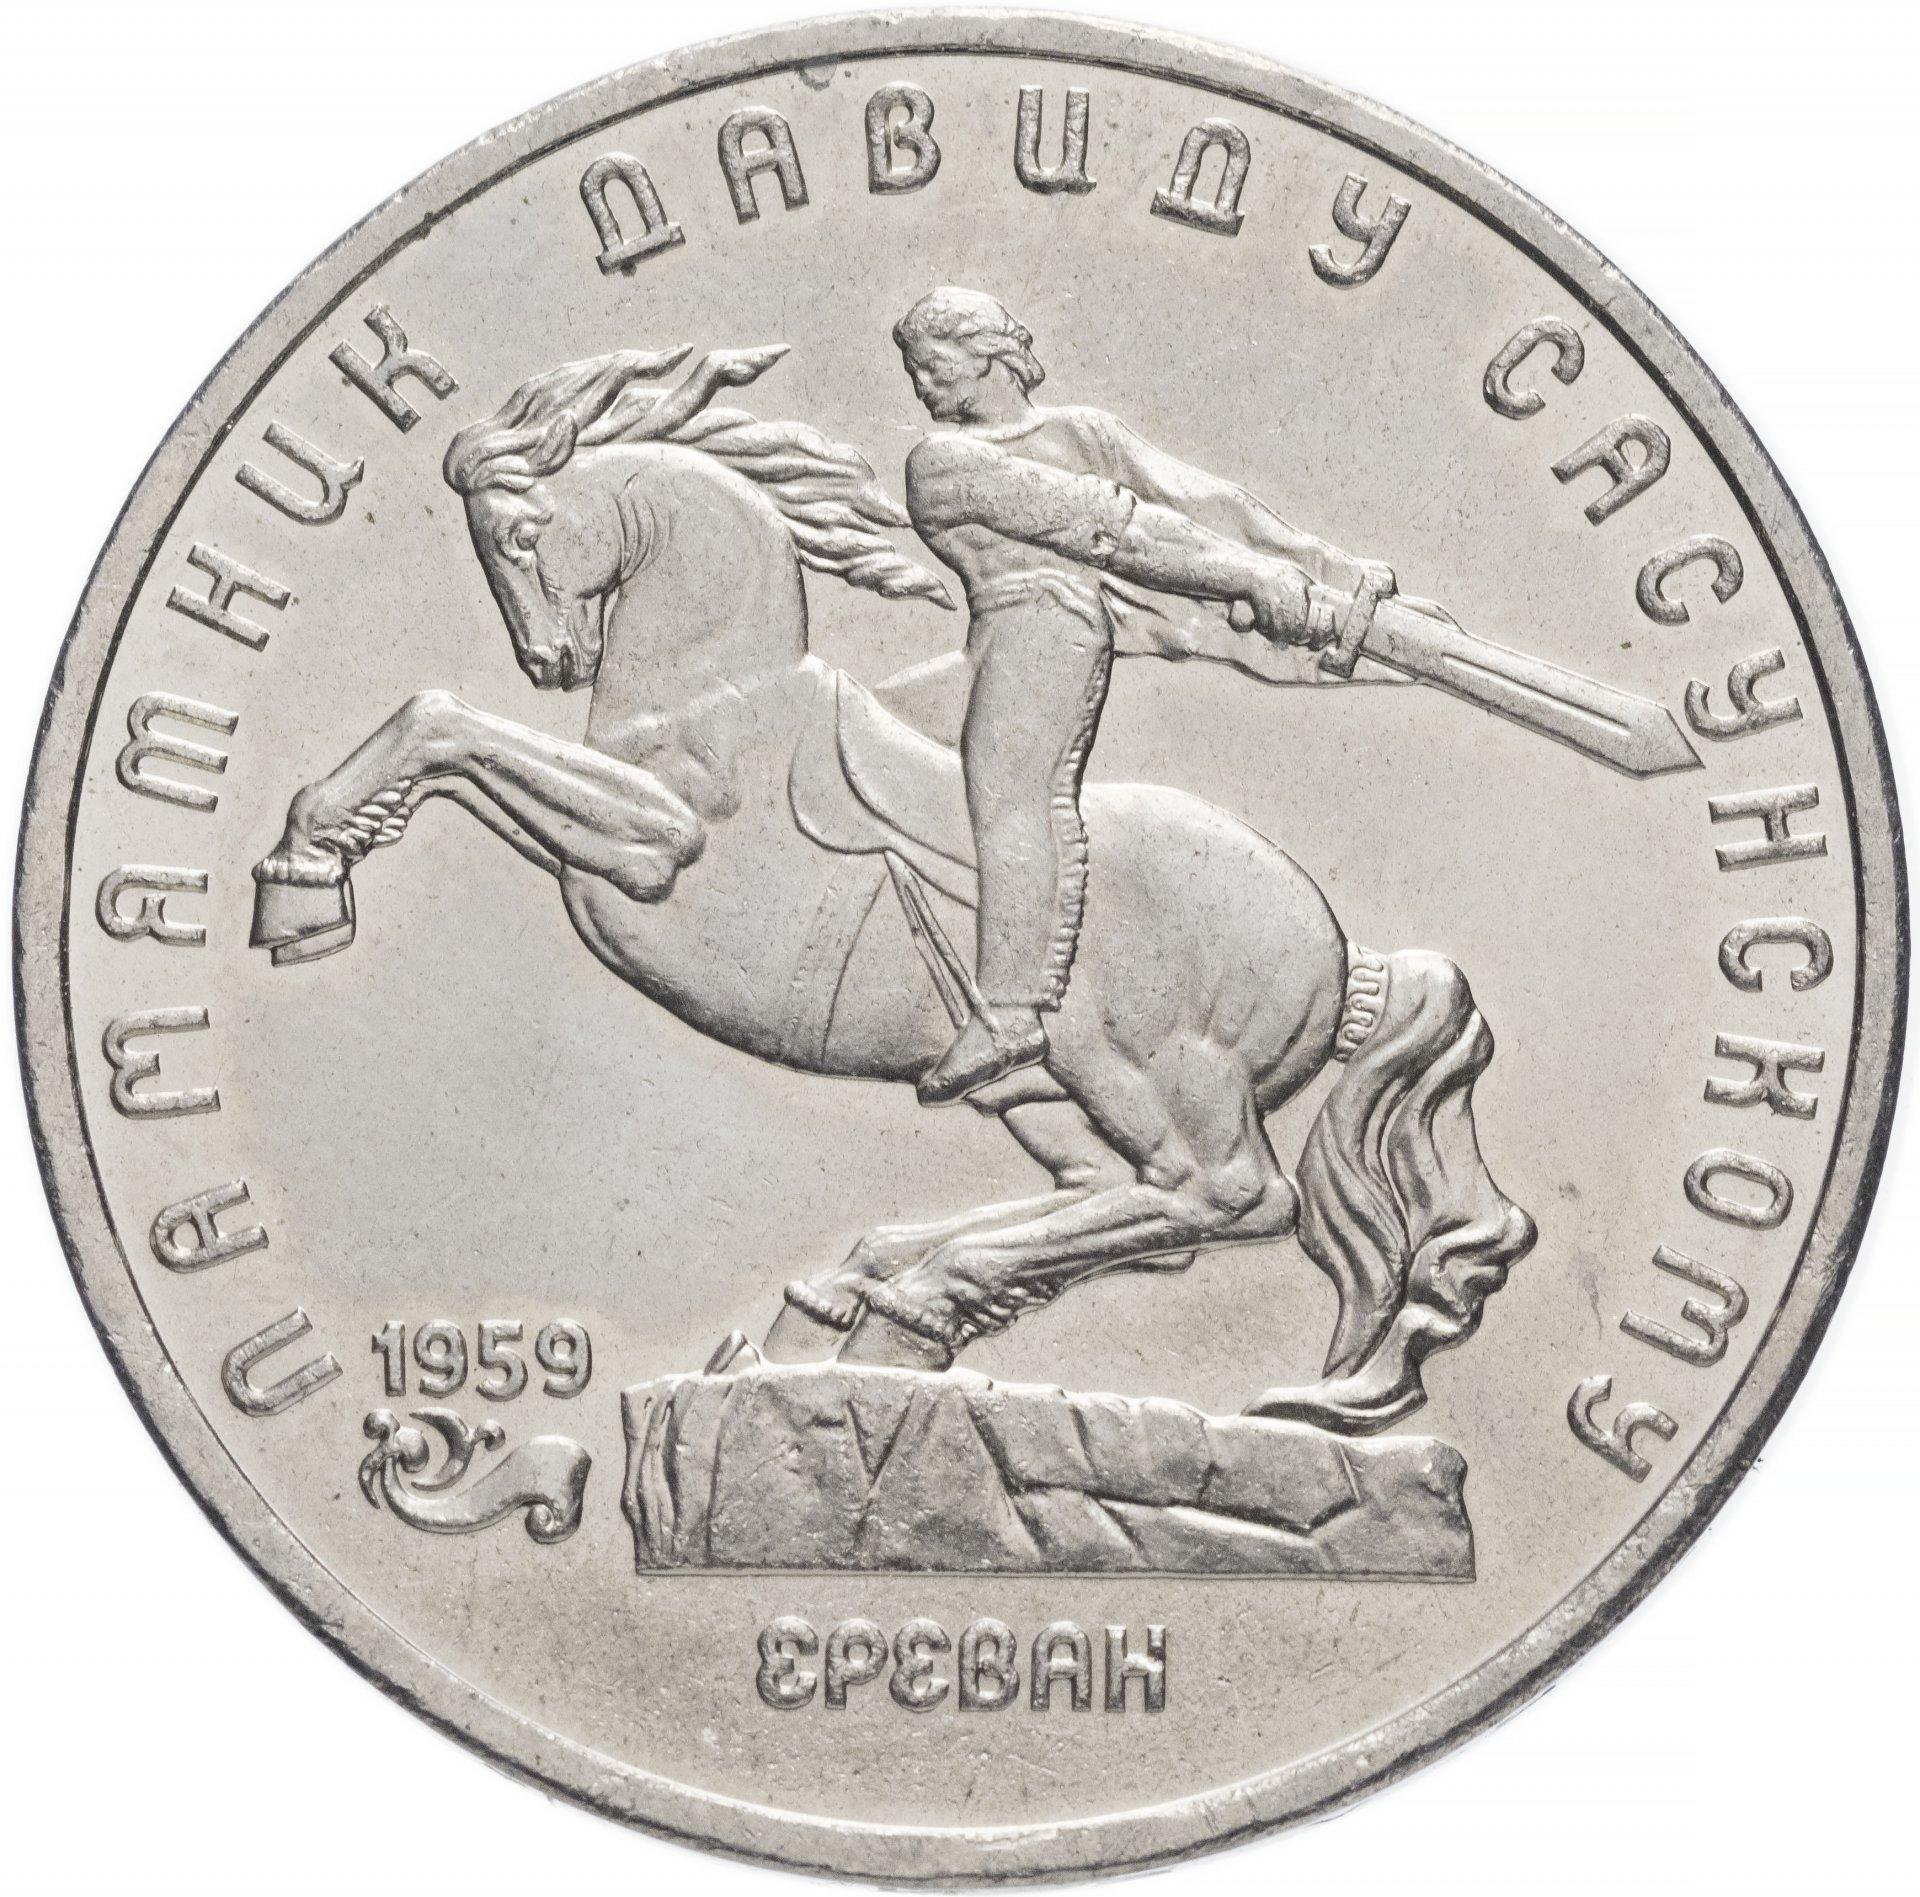 5 рублей - Сасунский